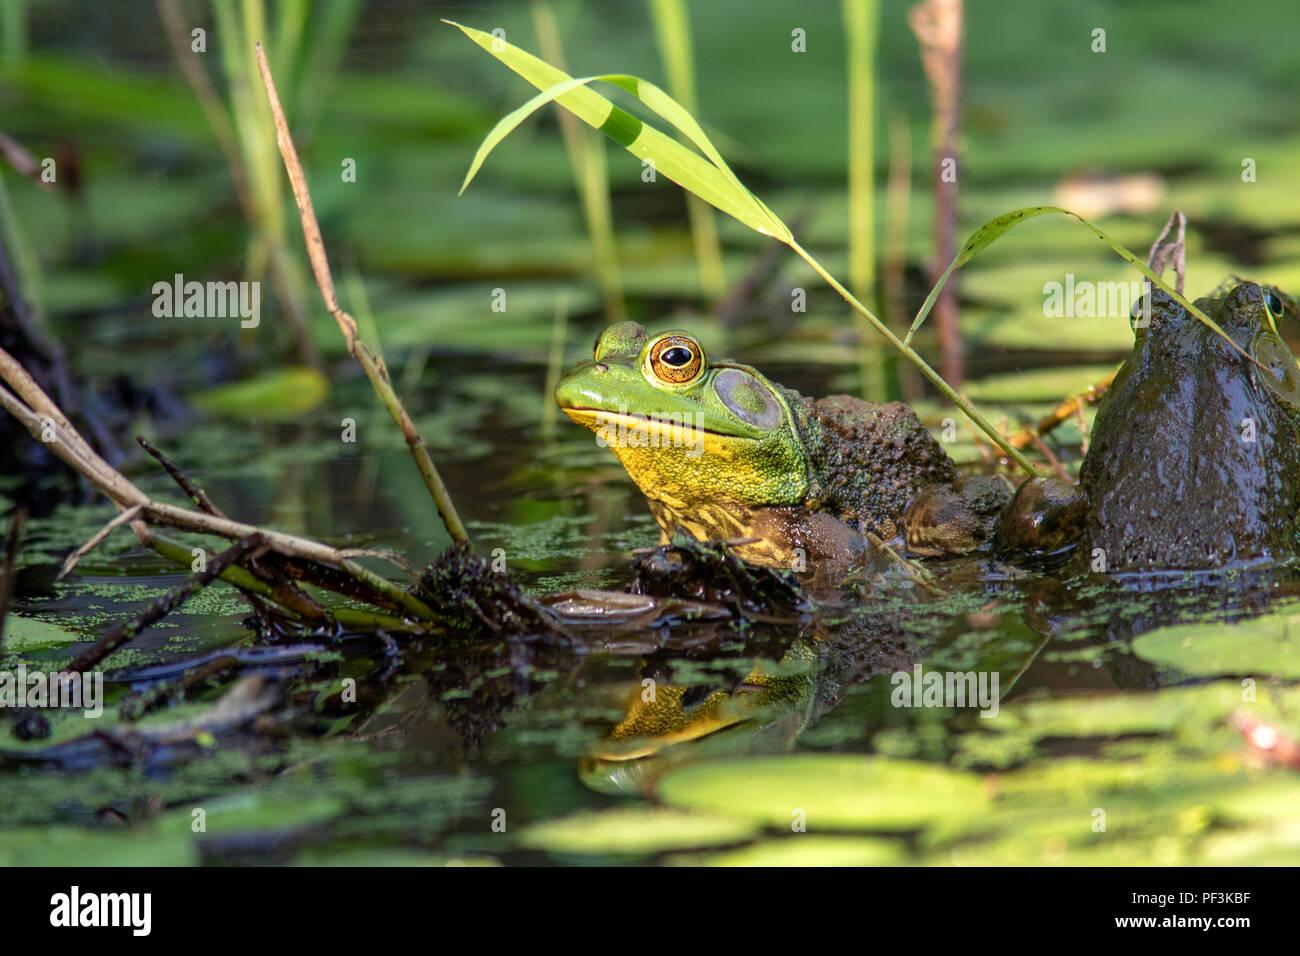 Amerikanische Ochsenfrosch (Lithobates catesbeianus) - Indian Point Trail - der Garten der Götter, Shawnee National Forest, Illinois, USA Stockbild